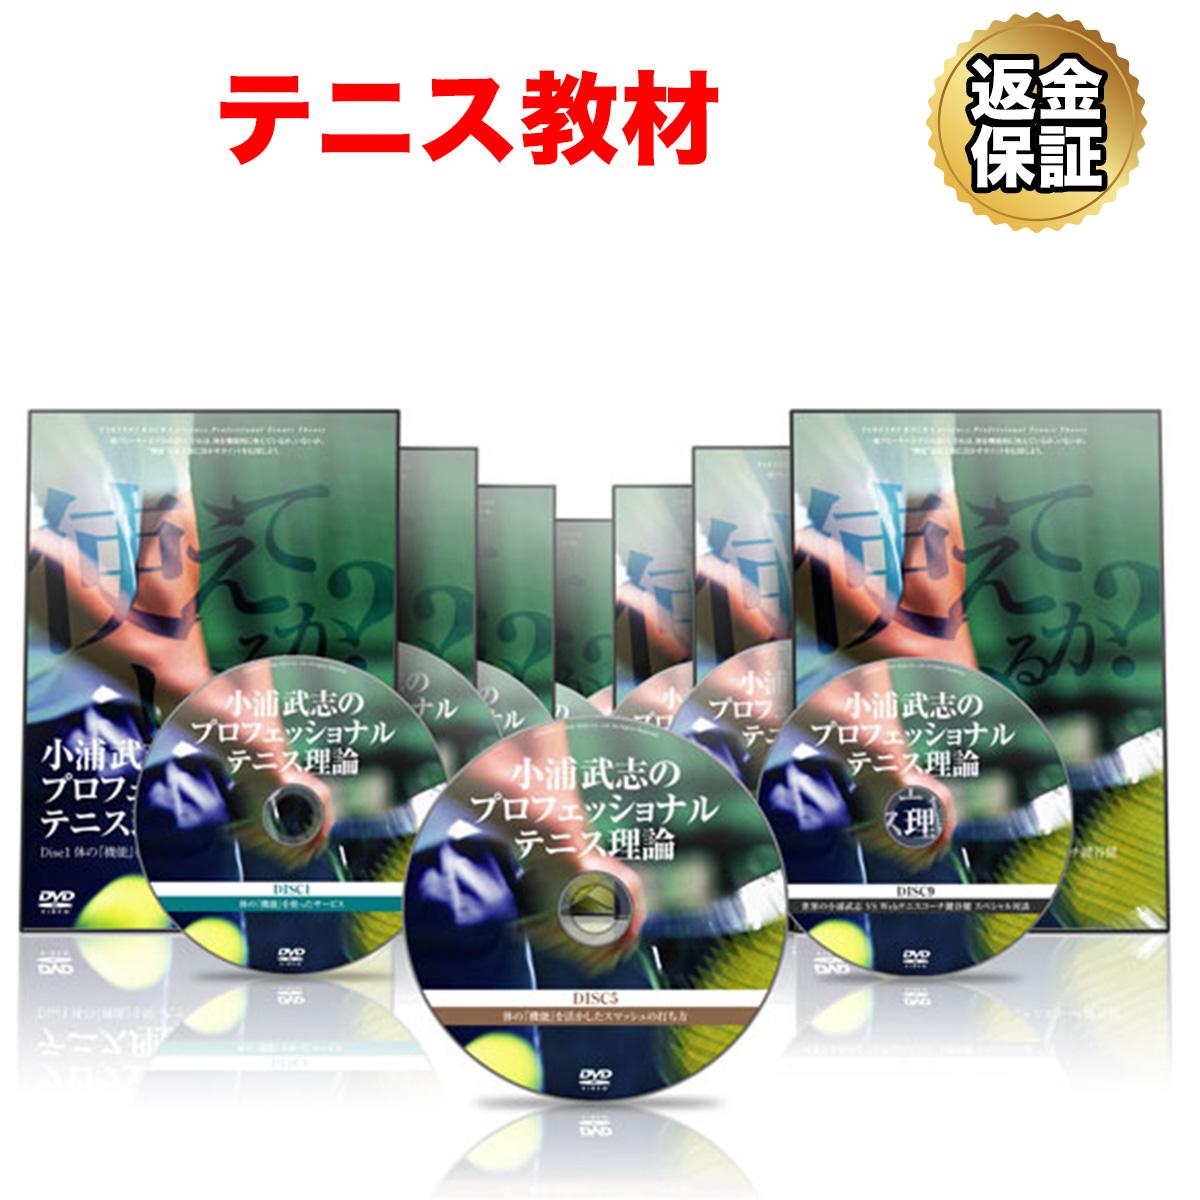 テニス 教材 DVD 小浦武志のプロフェッショナルテニス理論